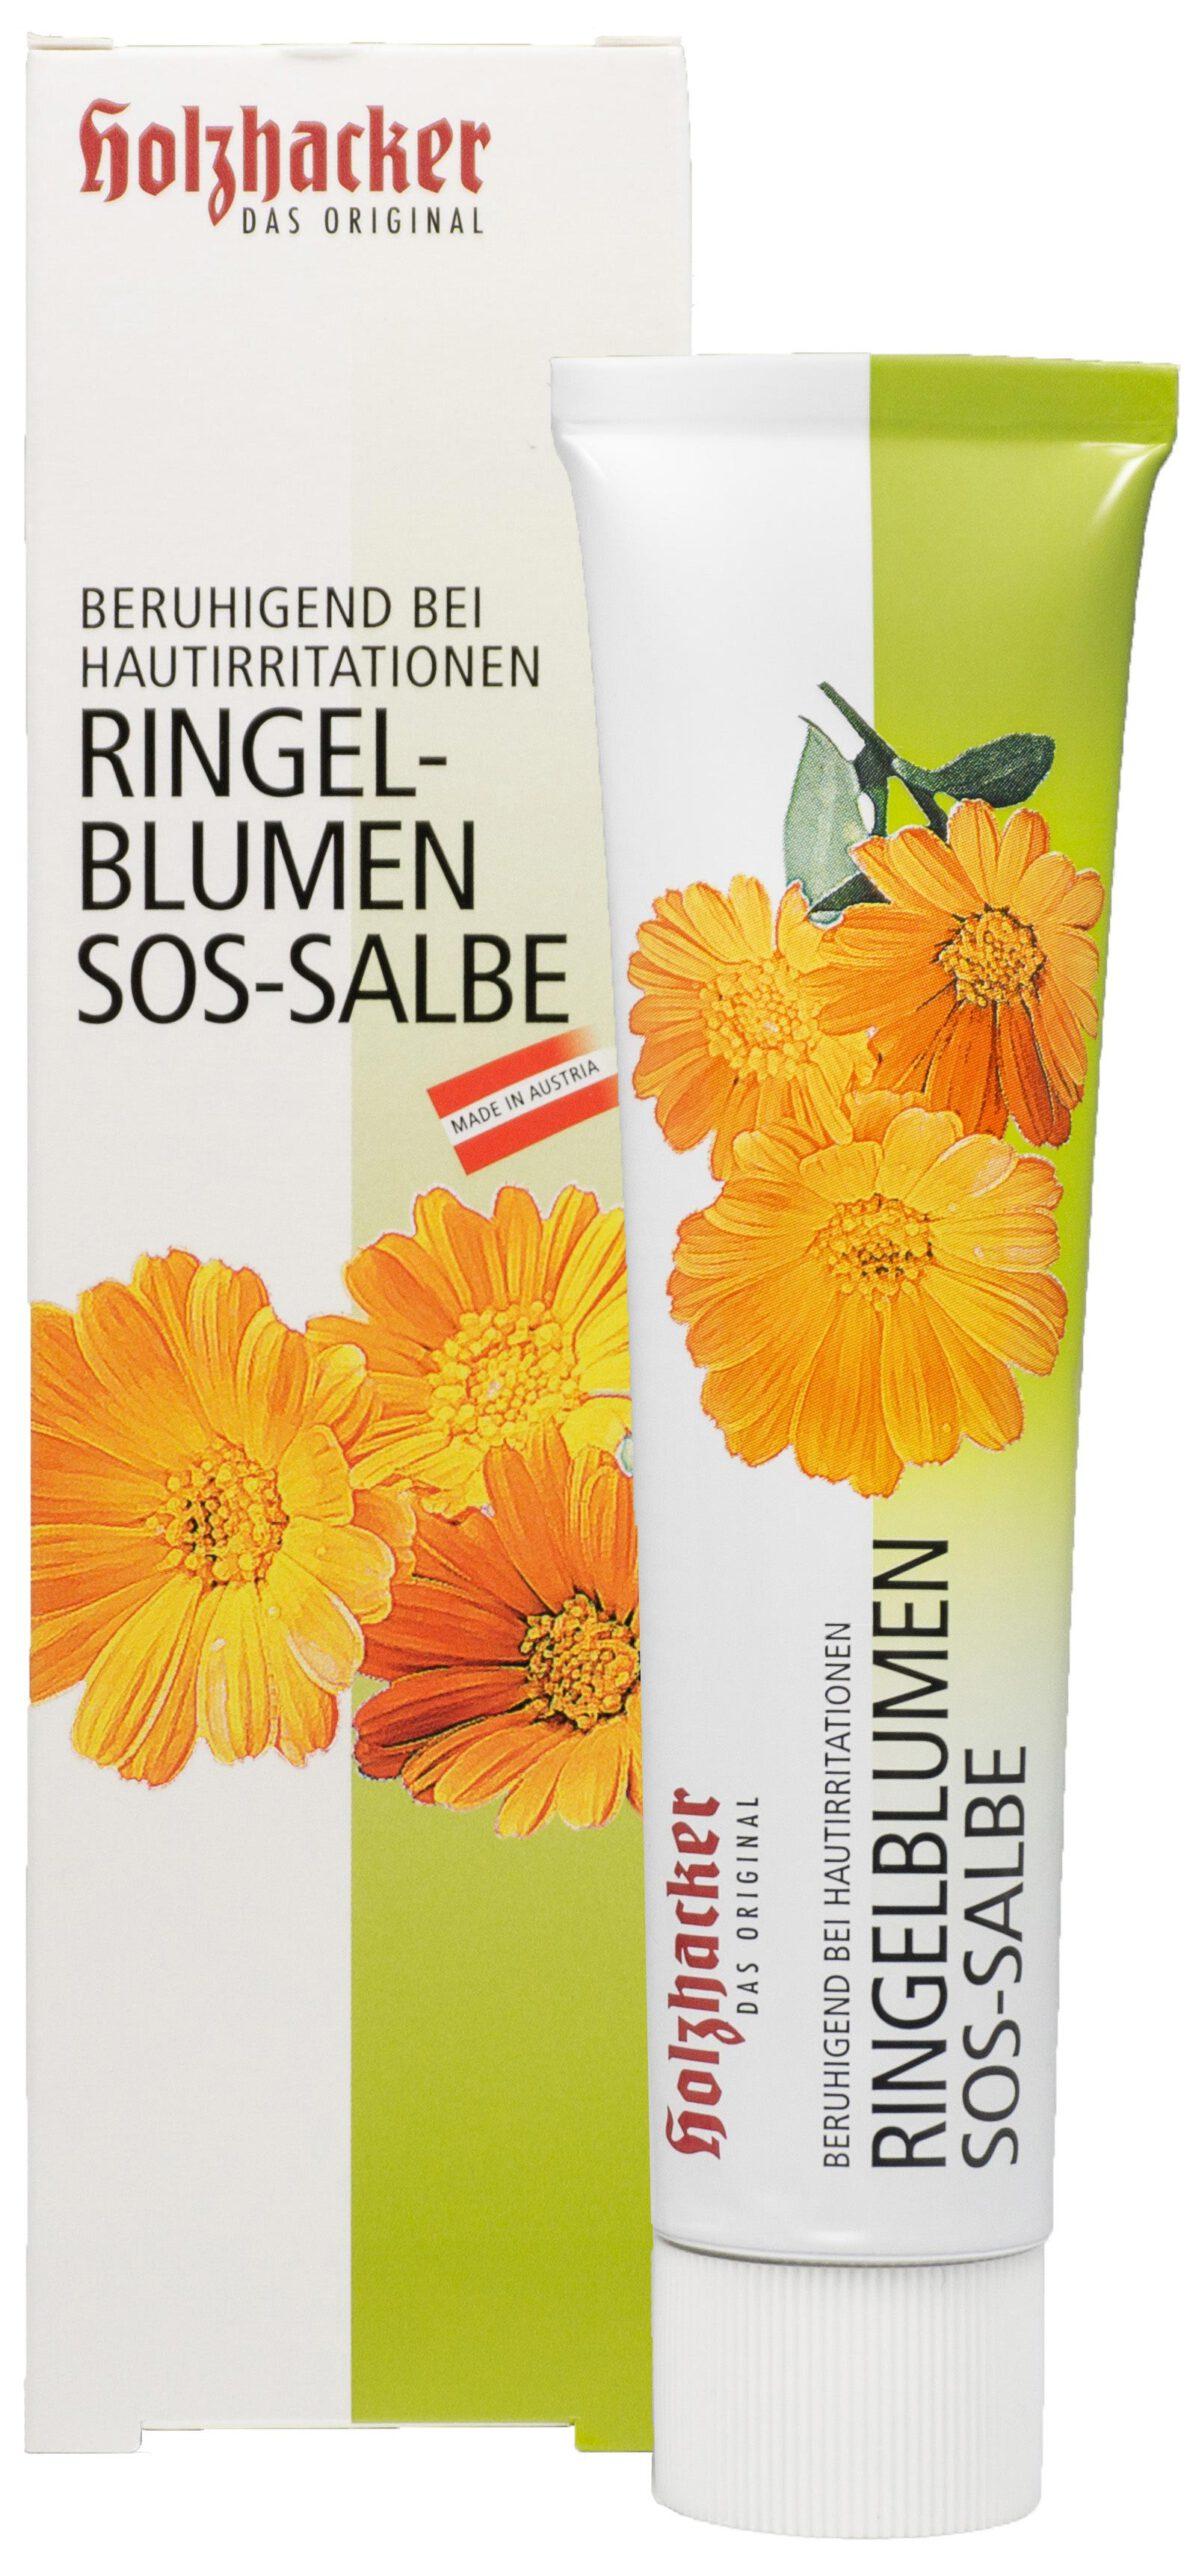 Ringelblumen SOS-Salbe Image